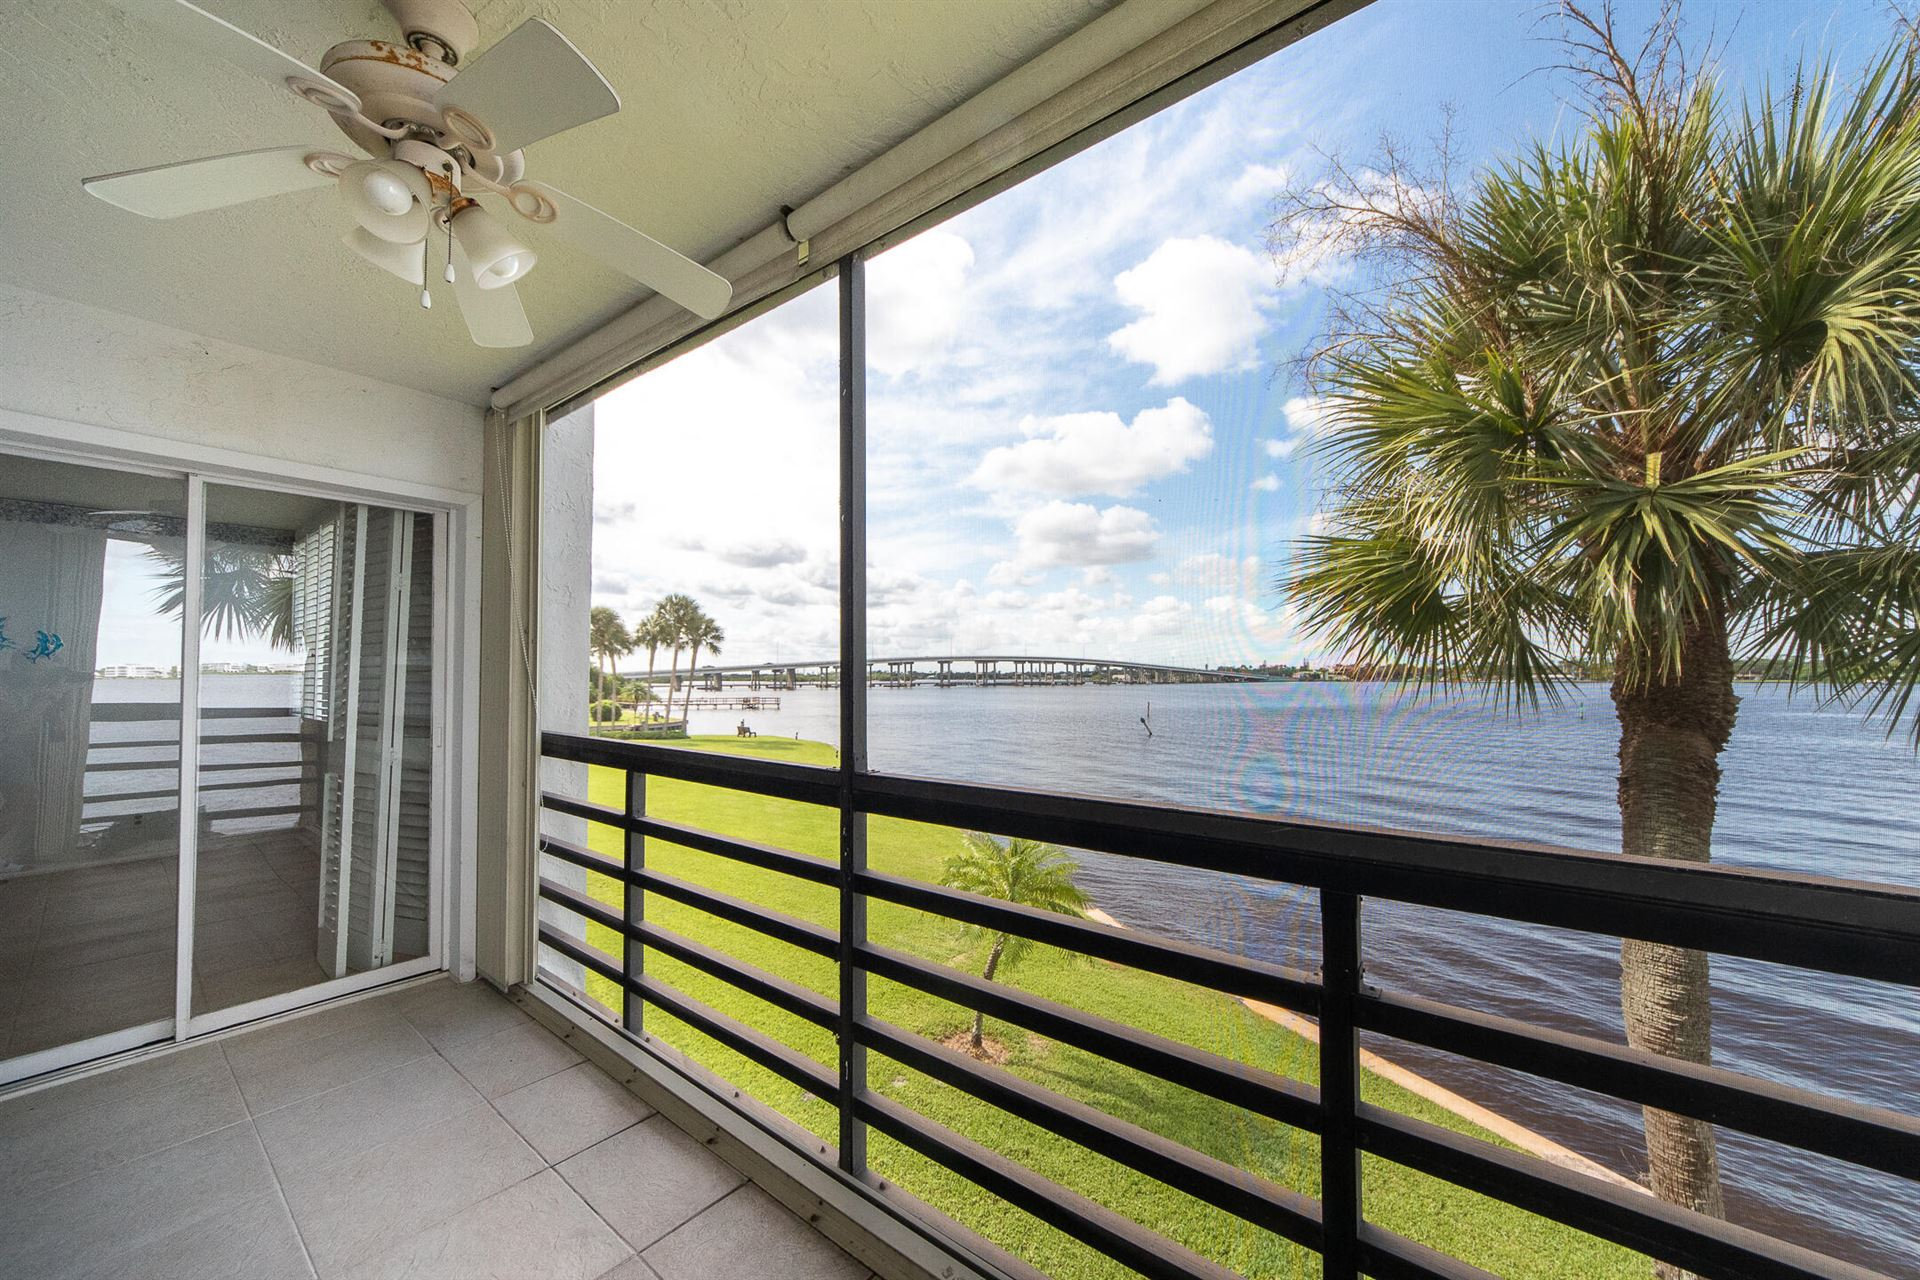 1950 SW Palm City Road SW #13207, Stuart, FL 34994 - #: RX-10748568